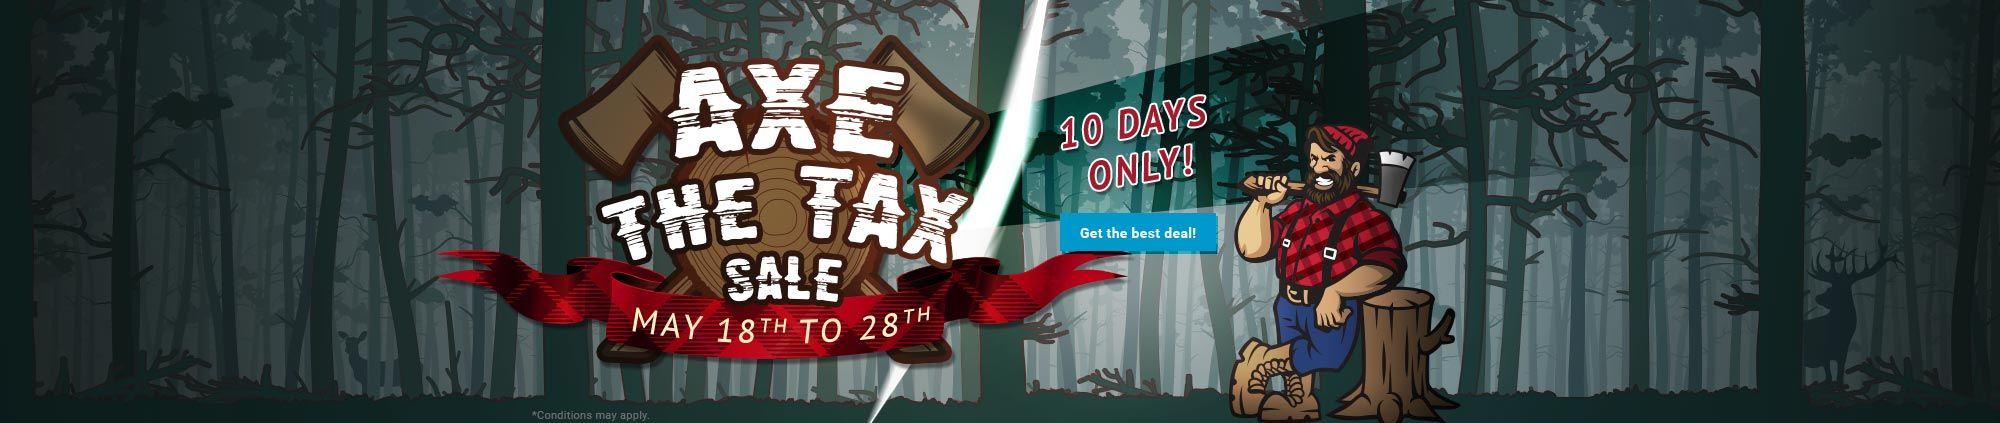 Axe The Tax Sale